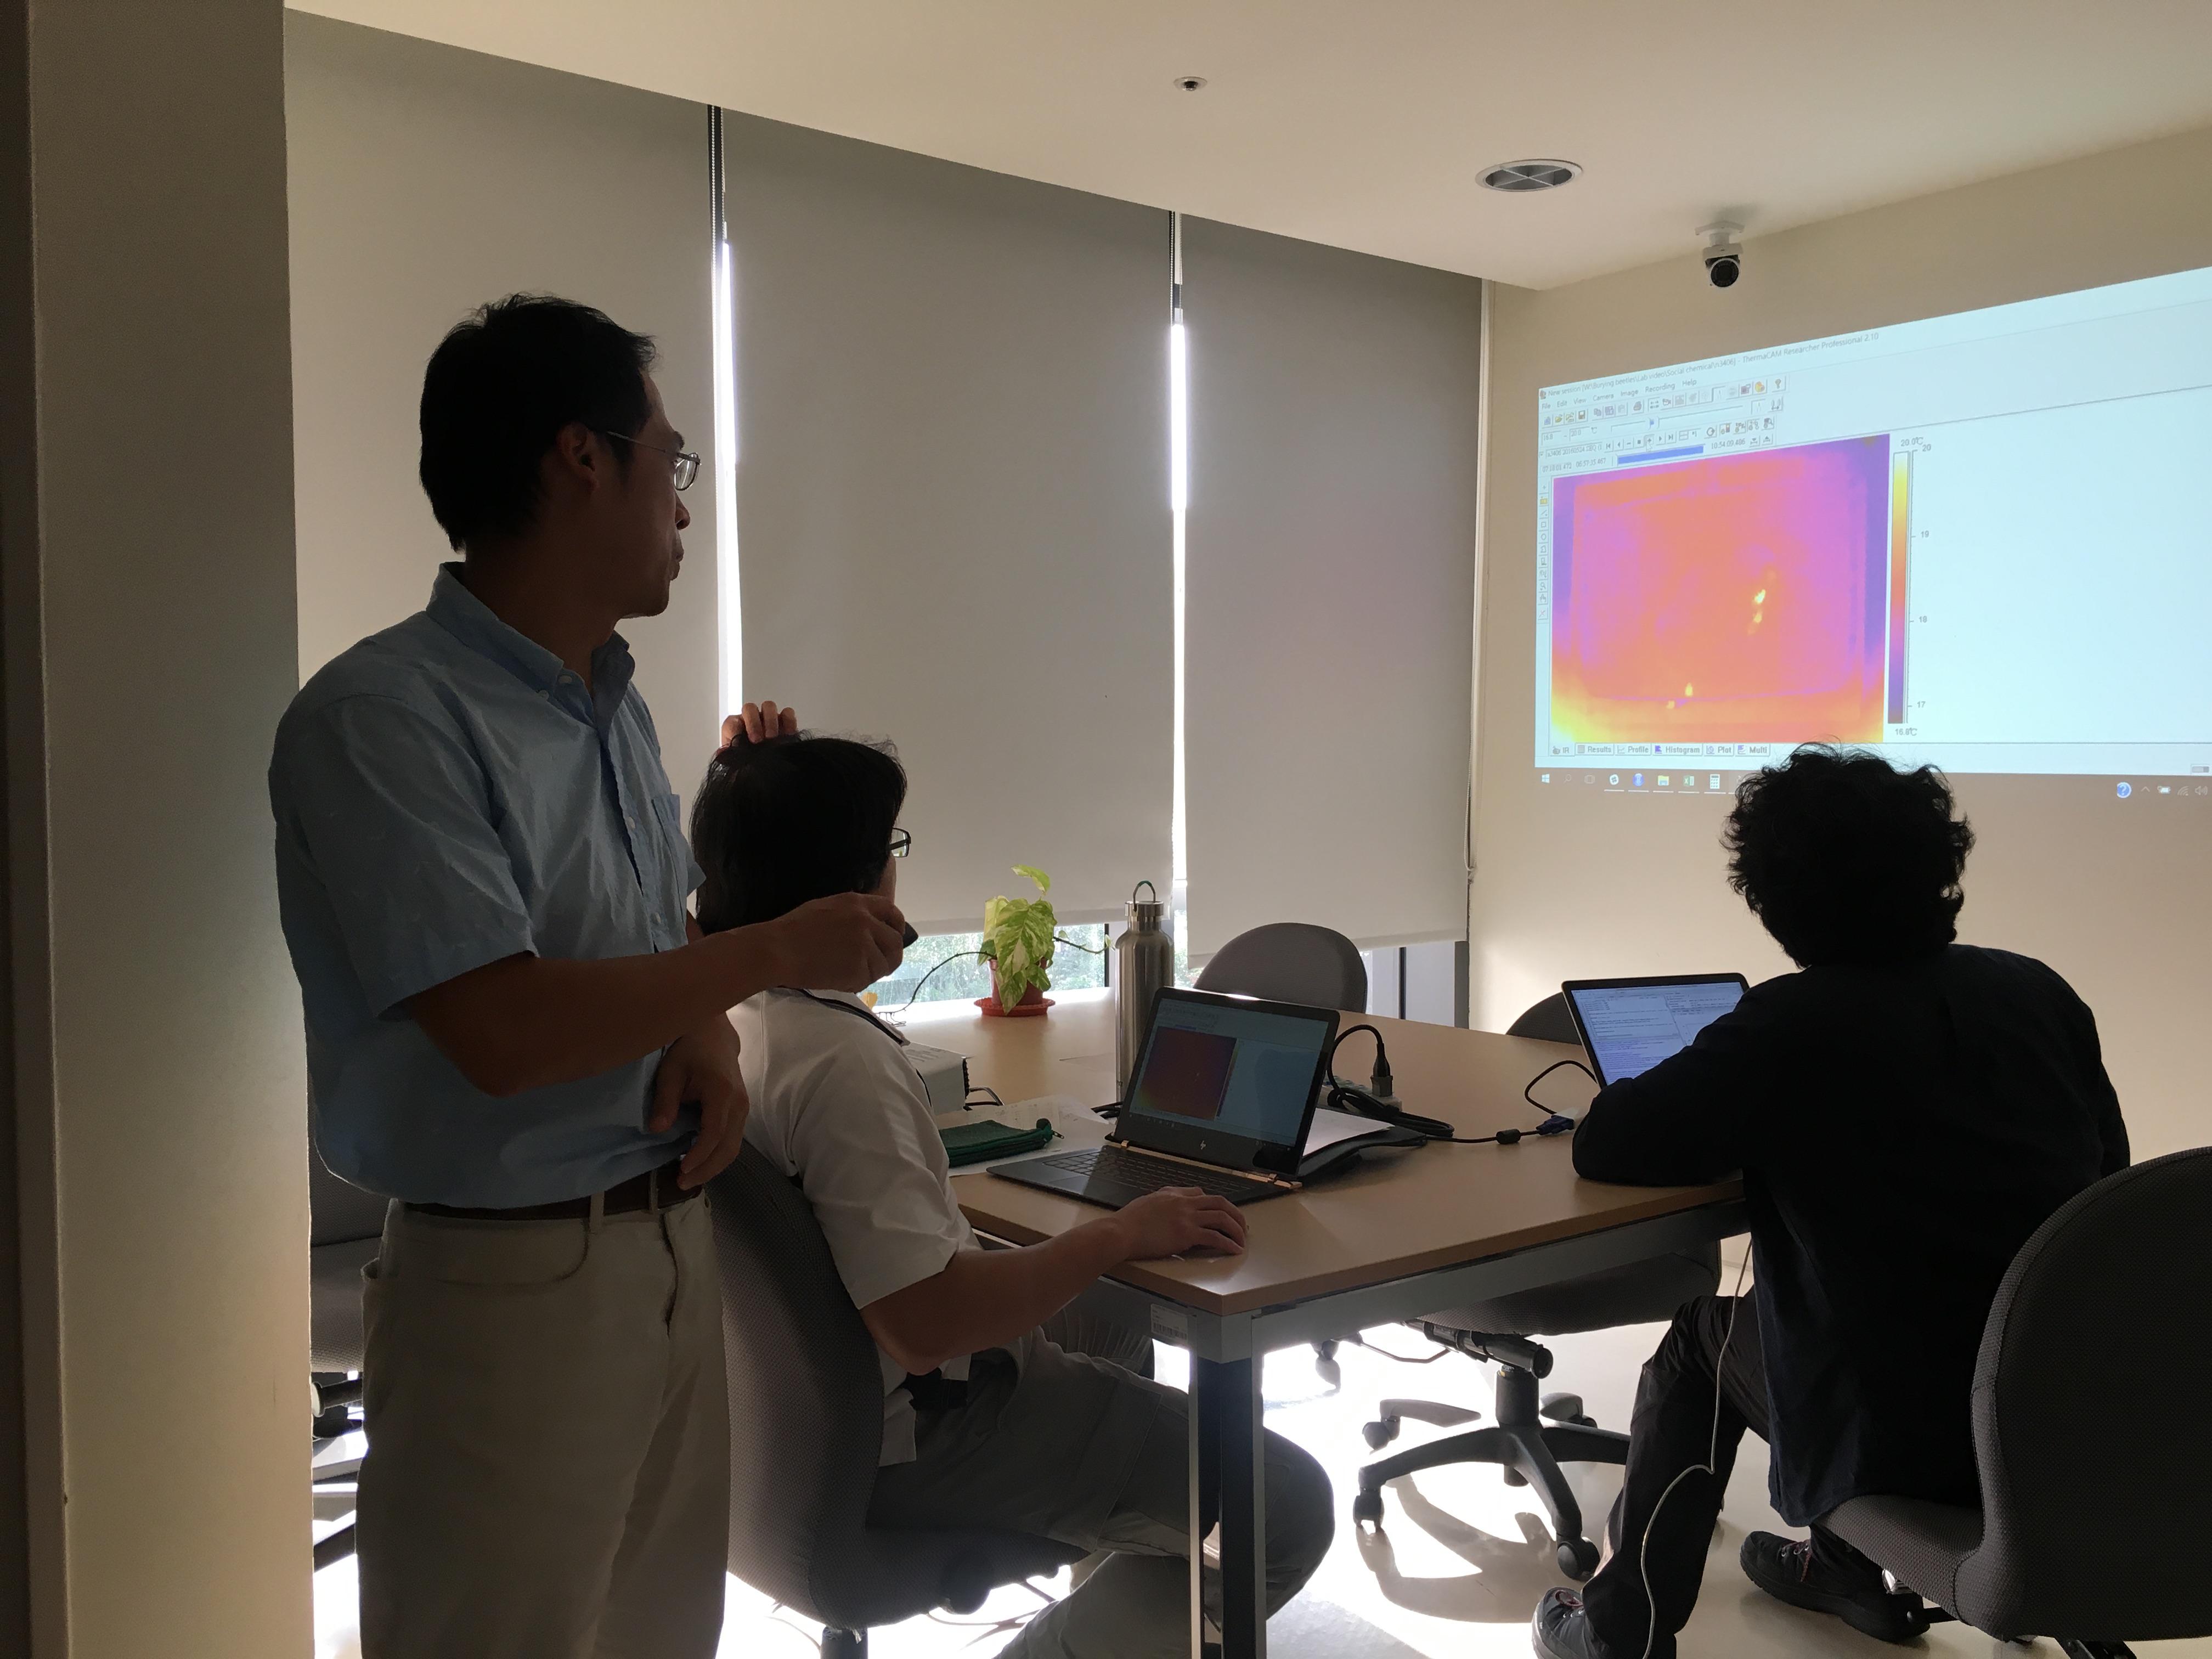 在開放空間討論實驗成果和論文寫作,是最能代表沈聖峰團隊的工作景象。圖中投影為埋葬蟲行動的熱像儀錄影。圖│研之有物